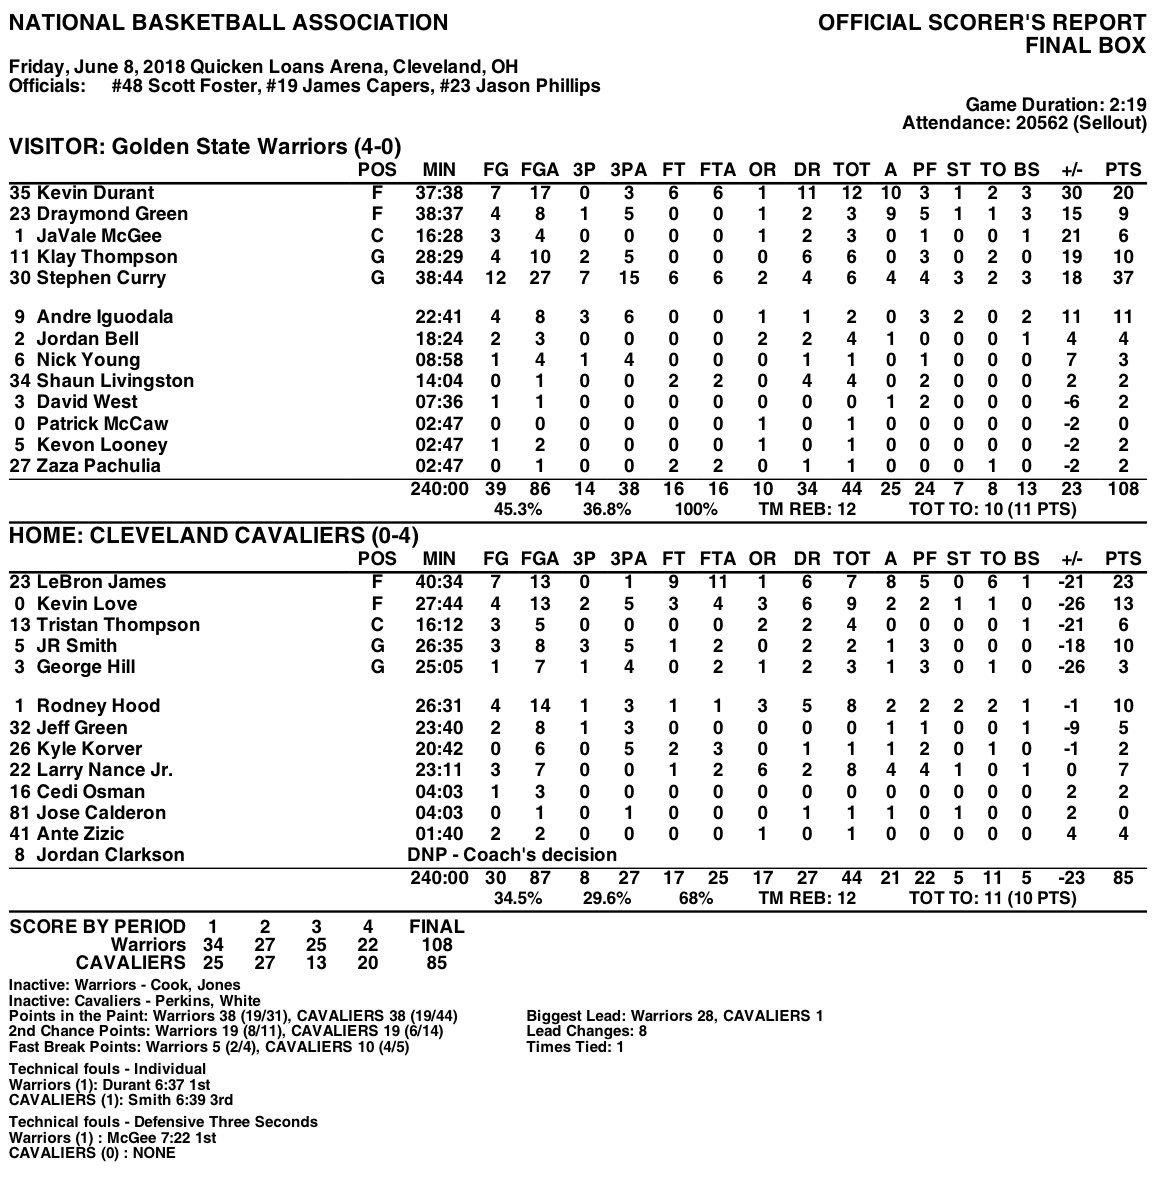 FINAL: Warriors 108, Cavaliers 85